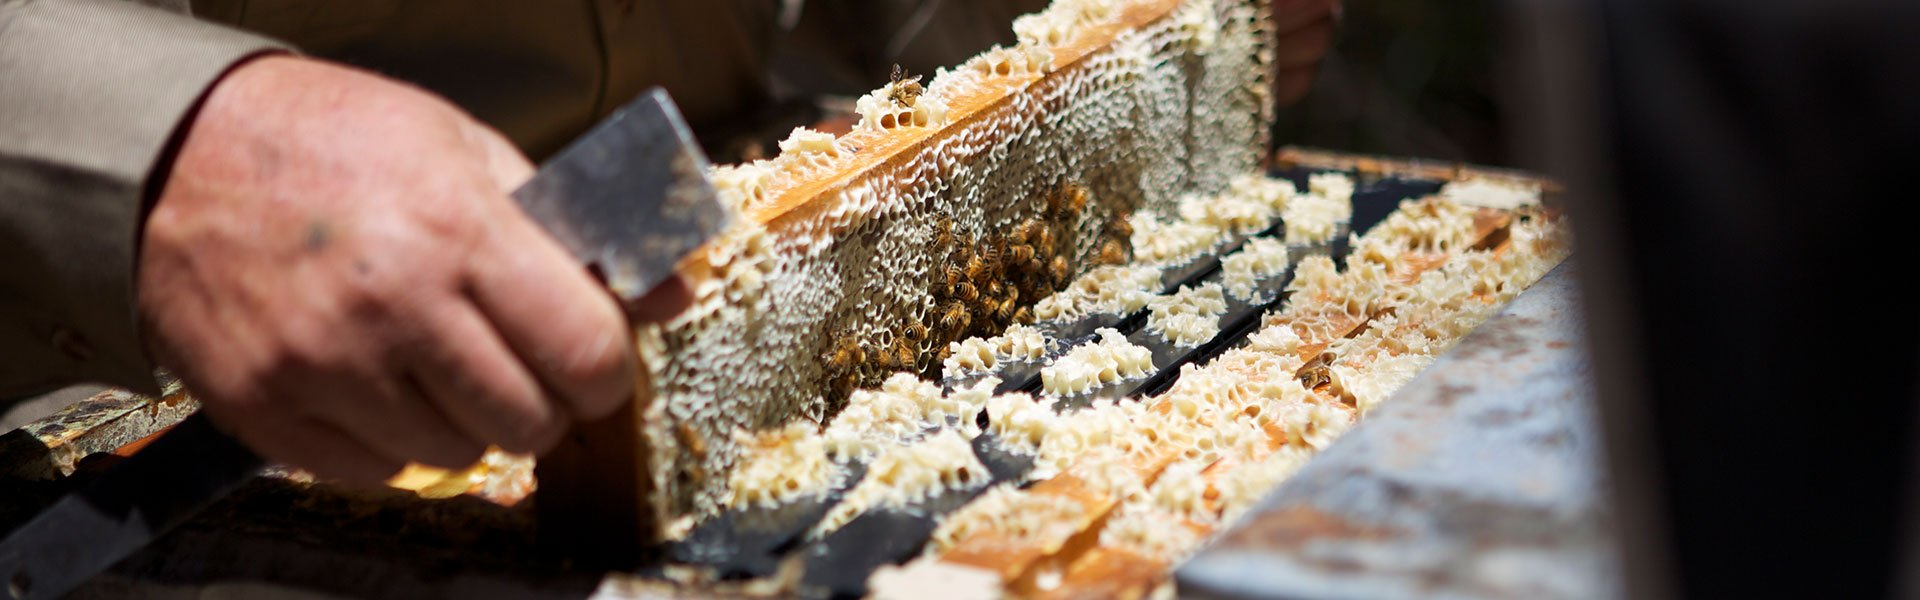 Australian Honey bee industry